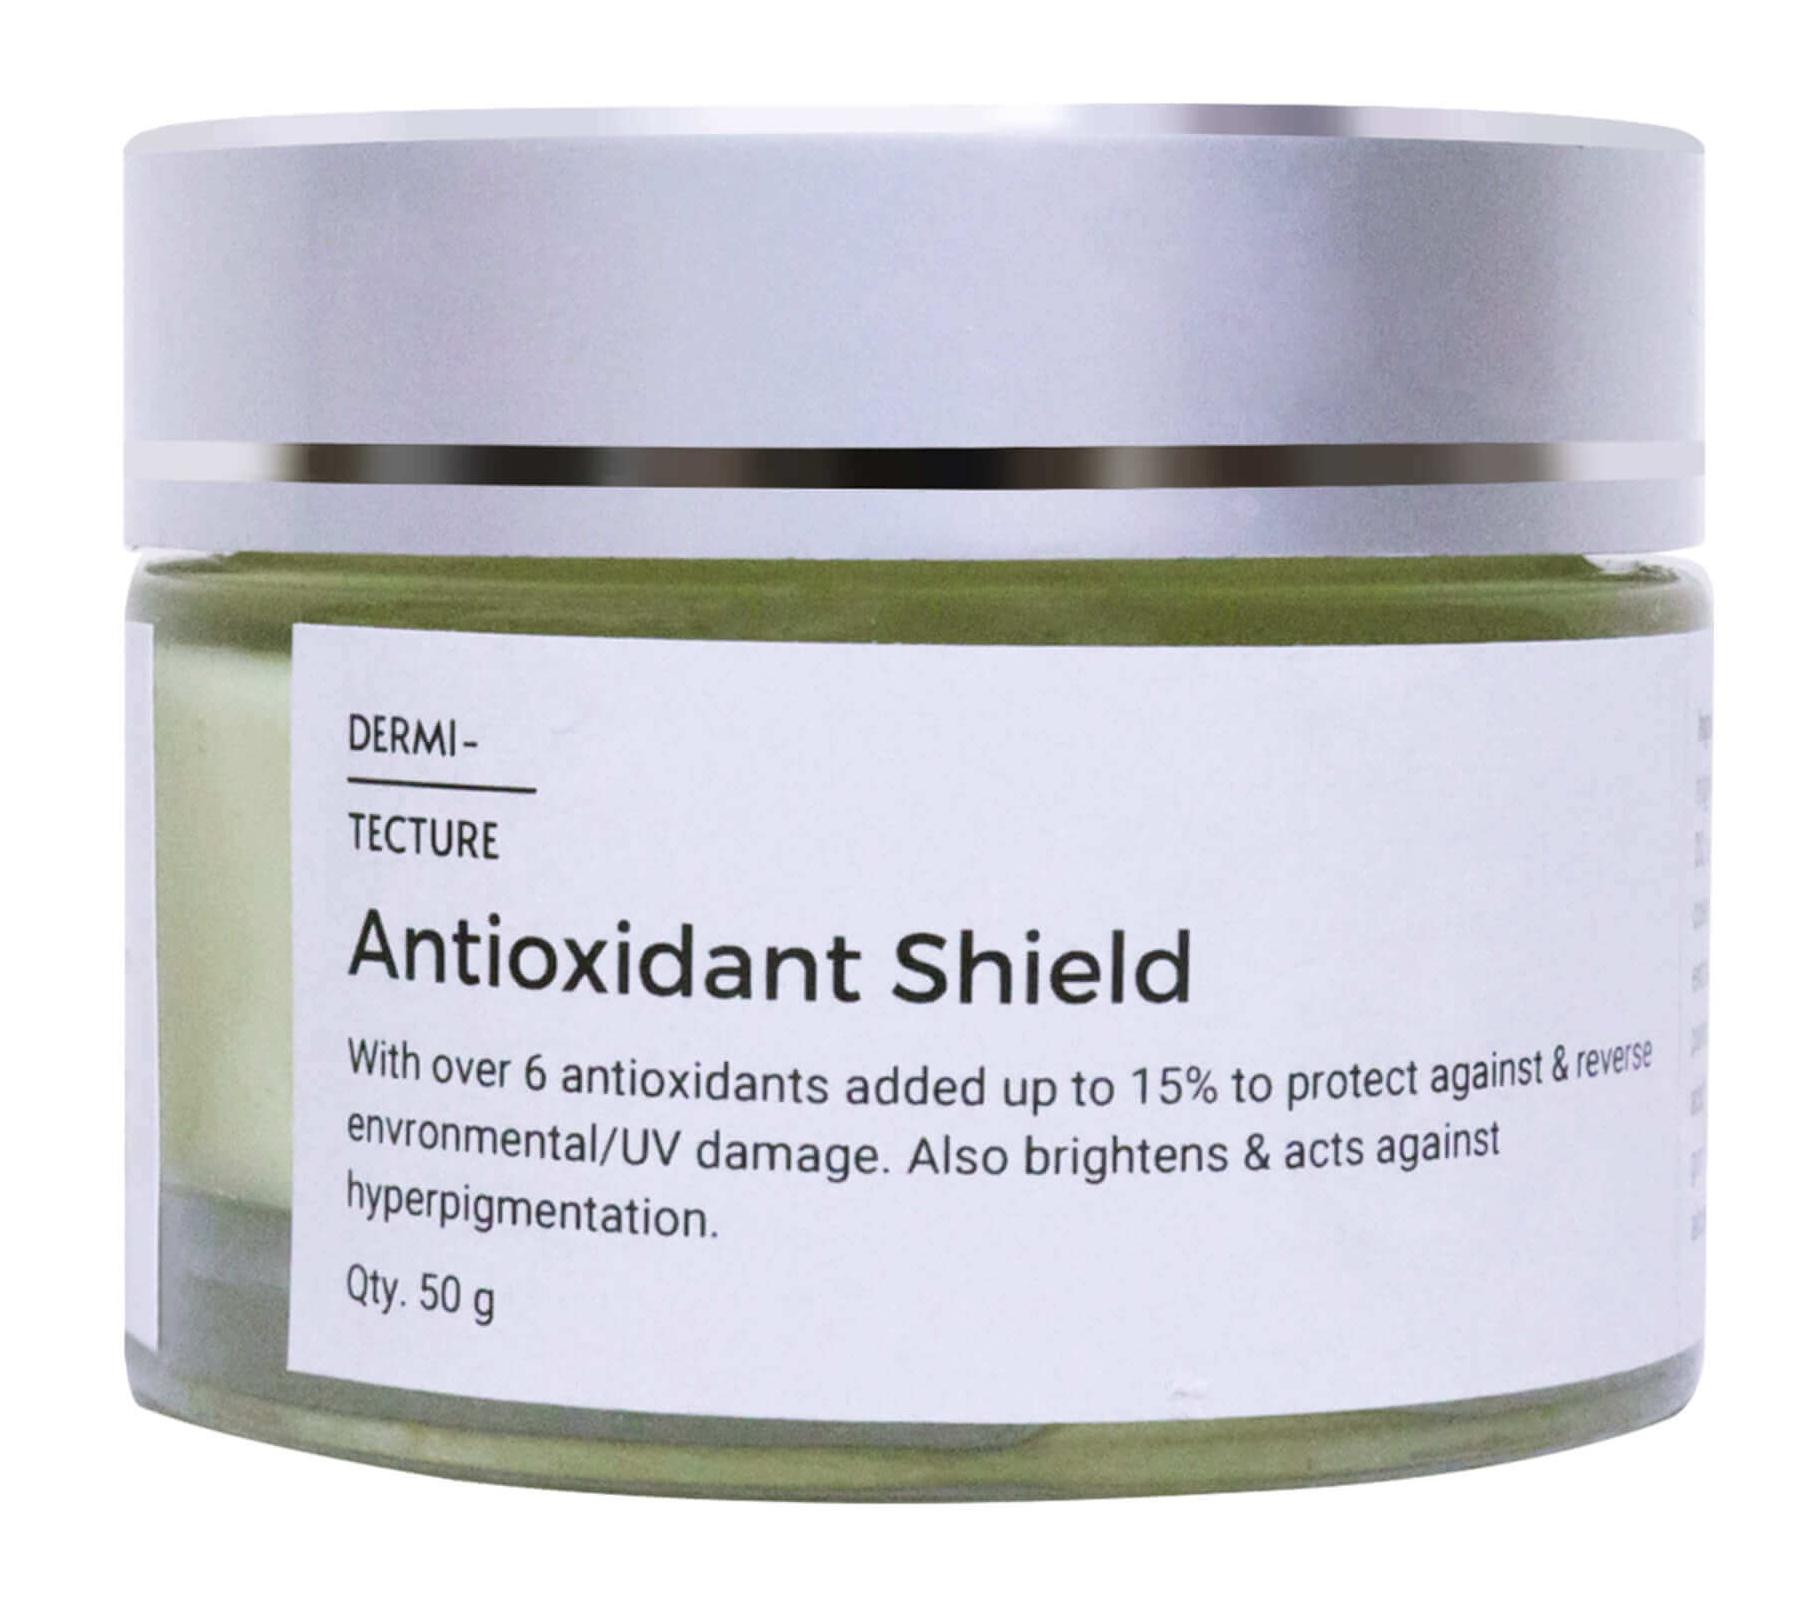 Dermitecture Antioxidant Shield